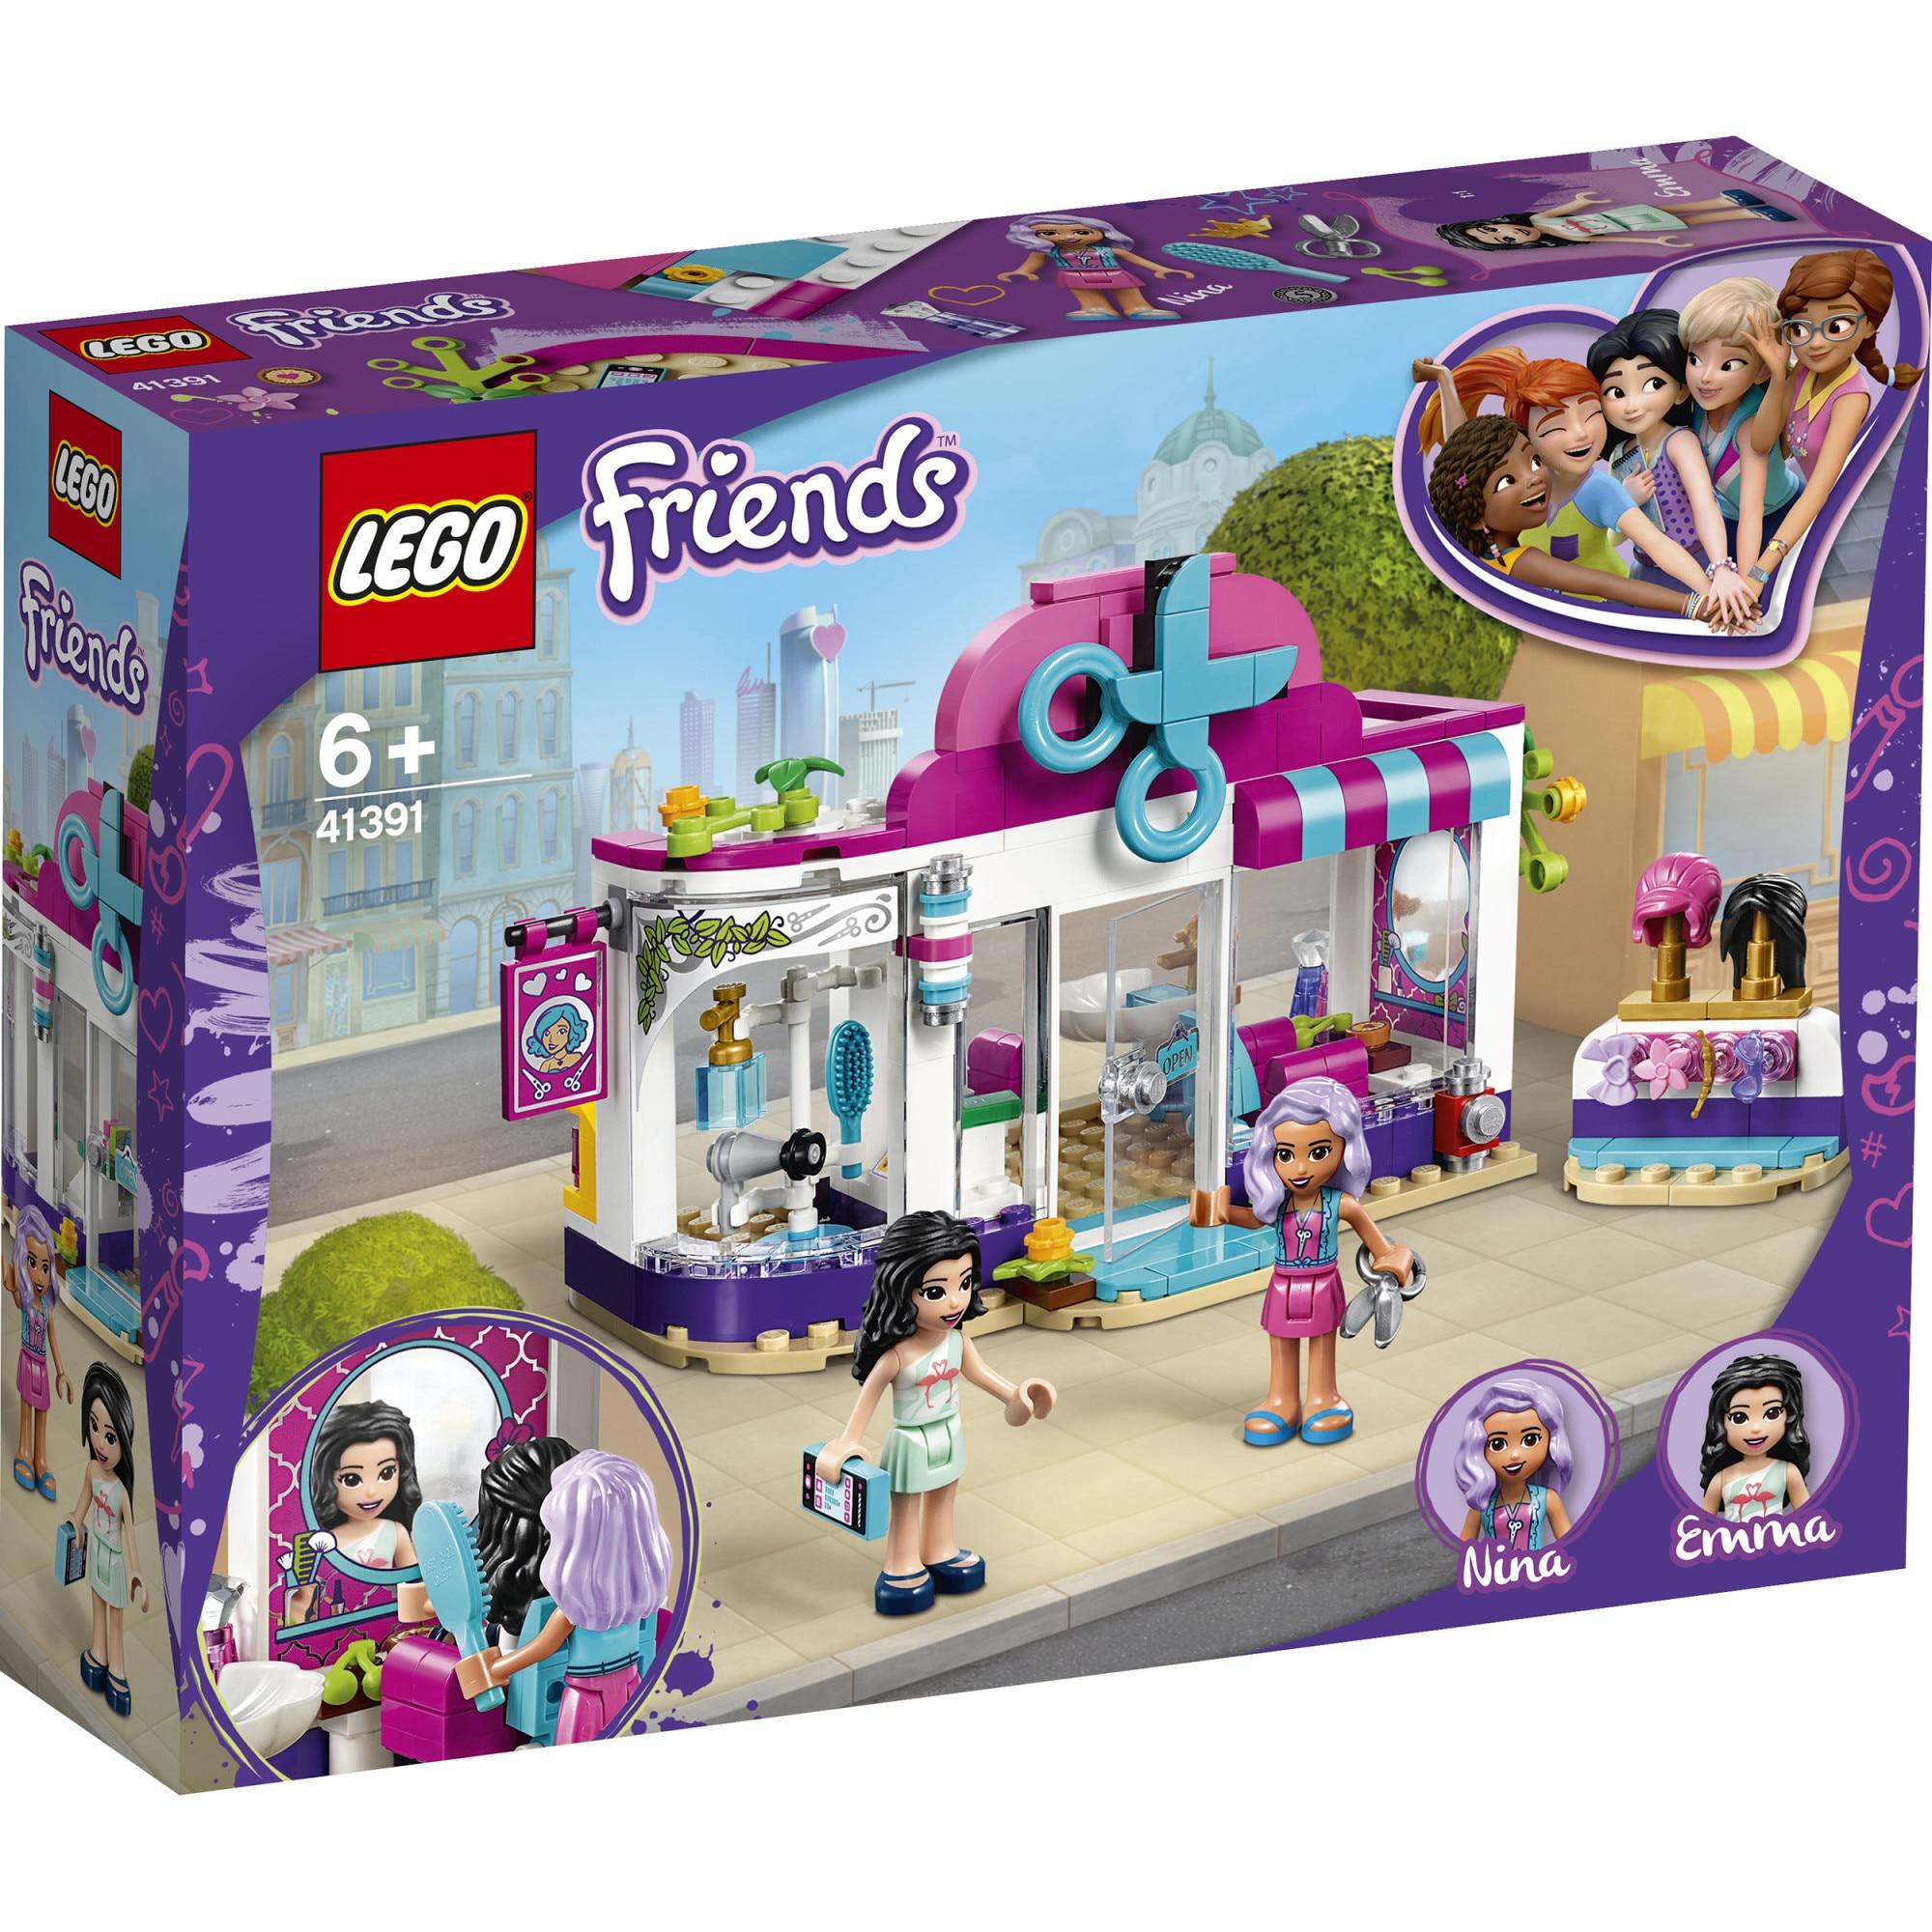 Fotografie LEGO Friends - Salonul de coafura din orasul Heartlake 41391